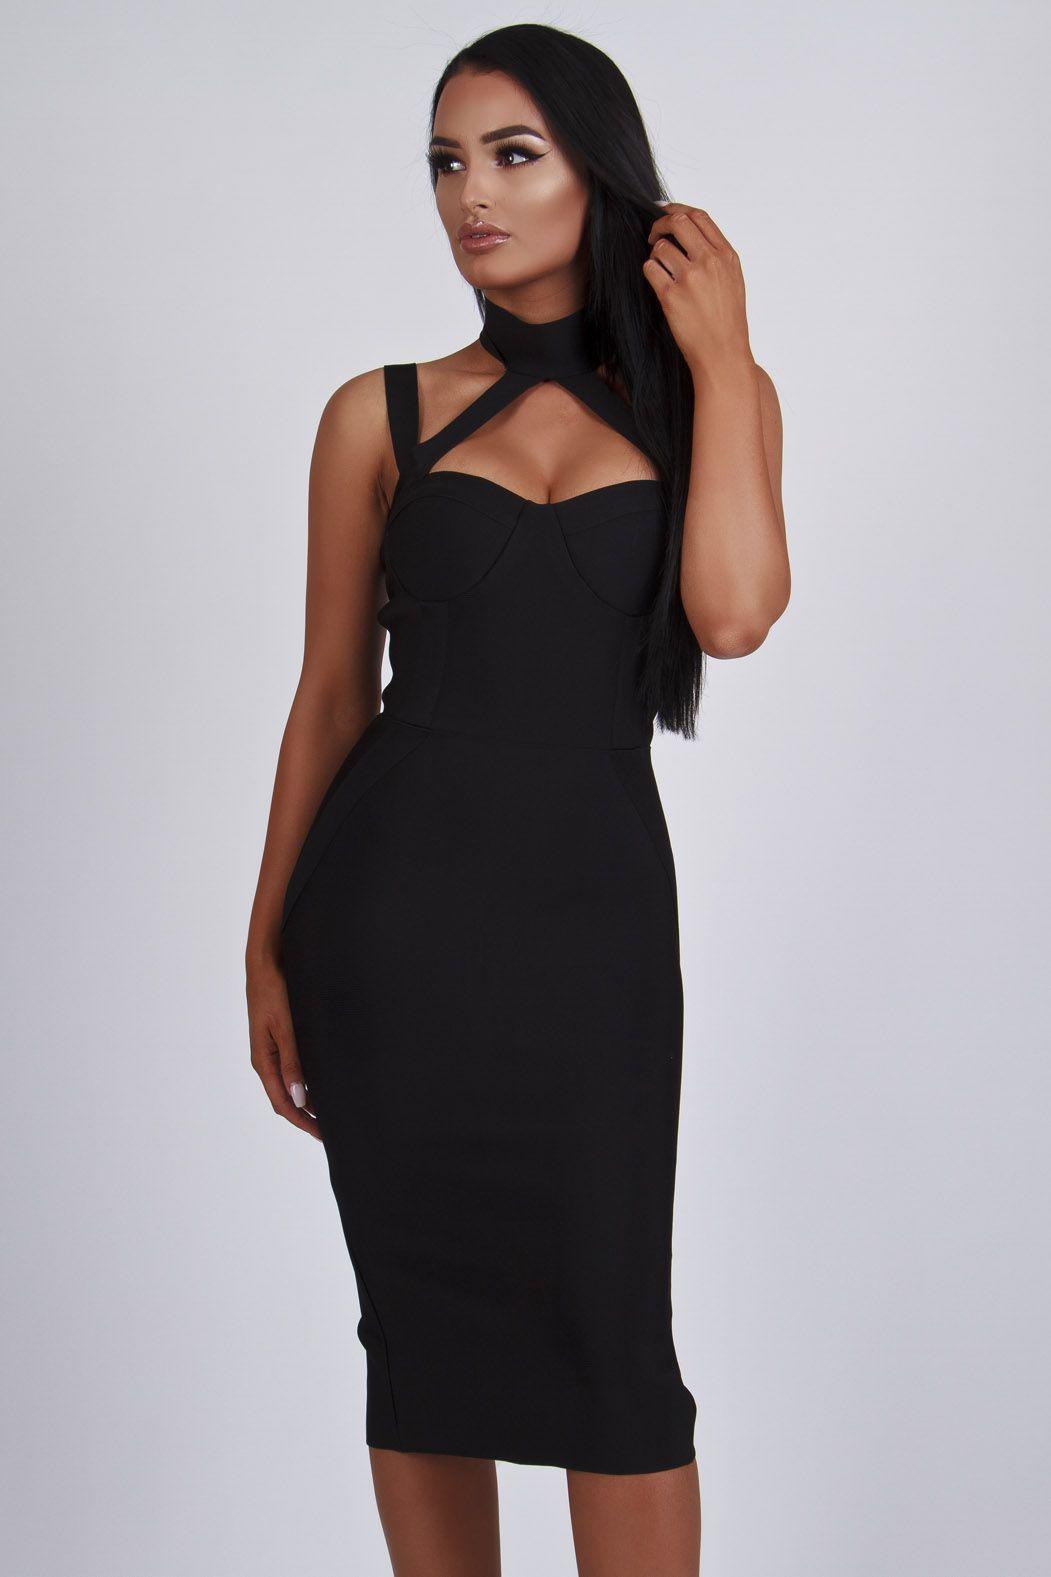 Vegas, Black, Dresses, Style, Swag, Black People, Stylus, Curve